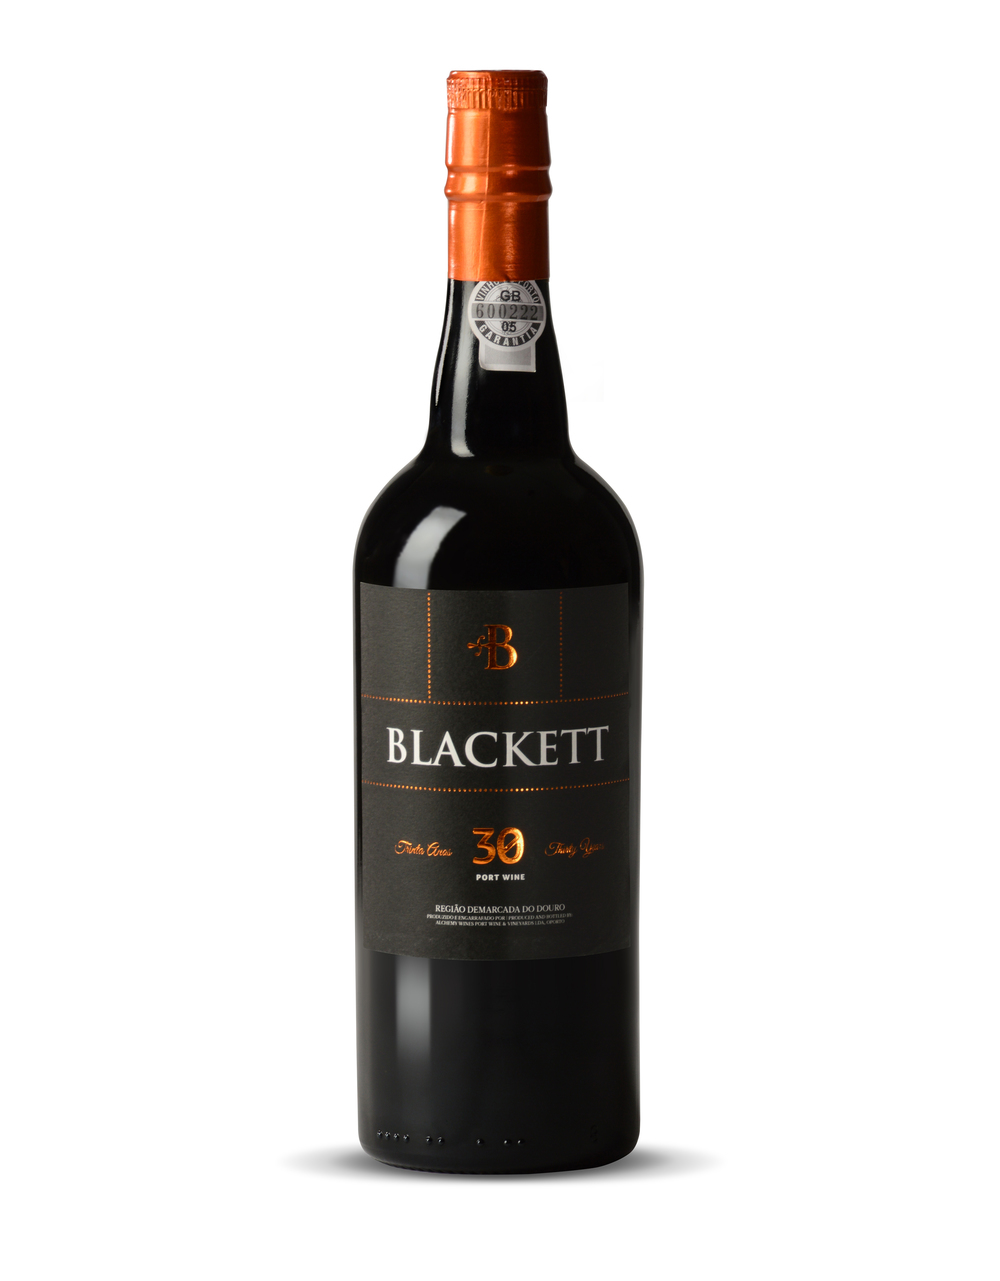 Blackett_30_anos_M.jpg